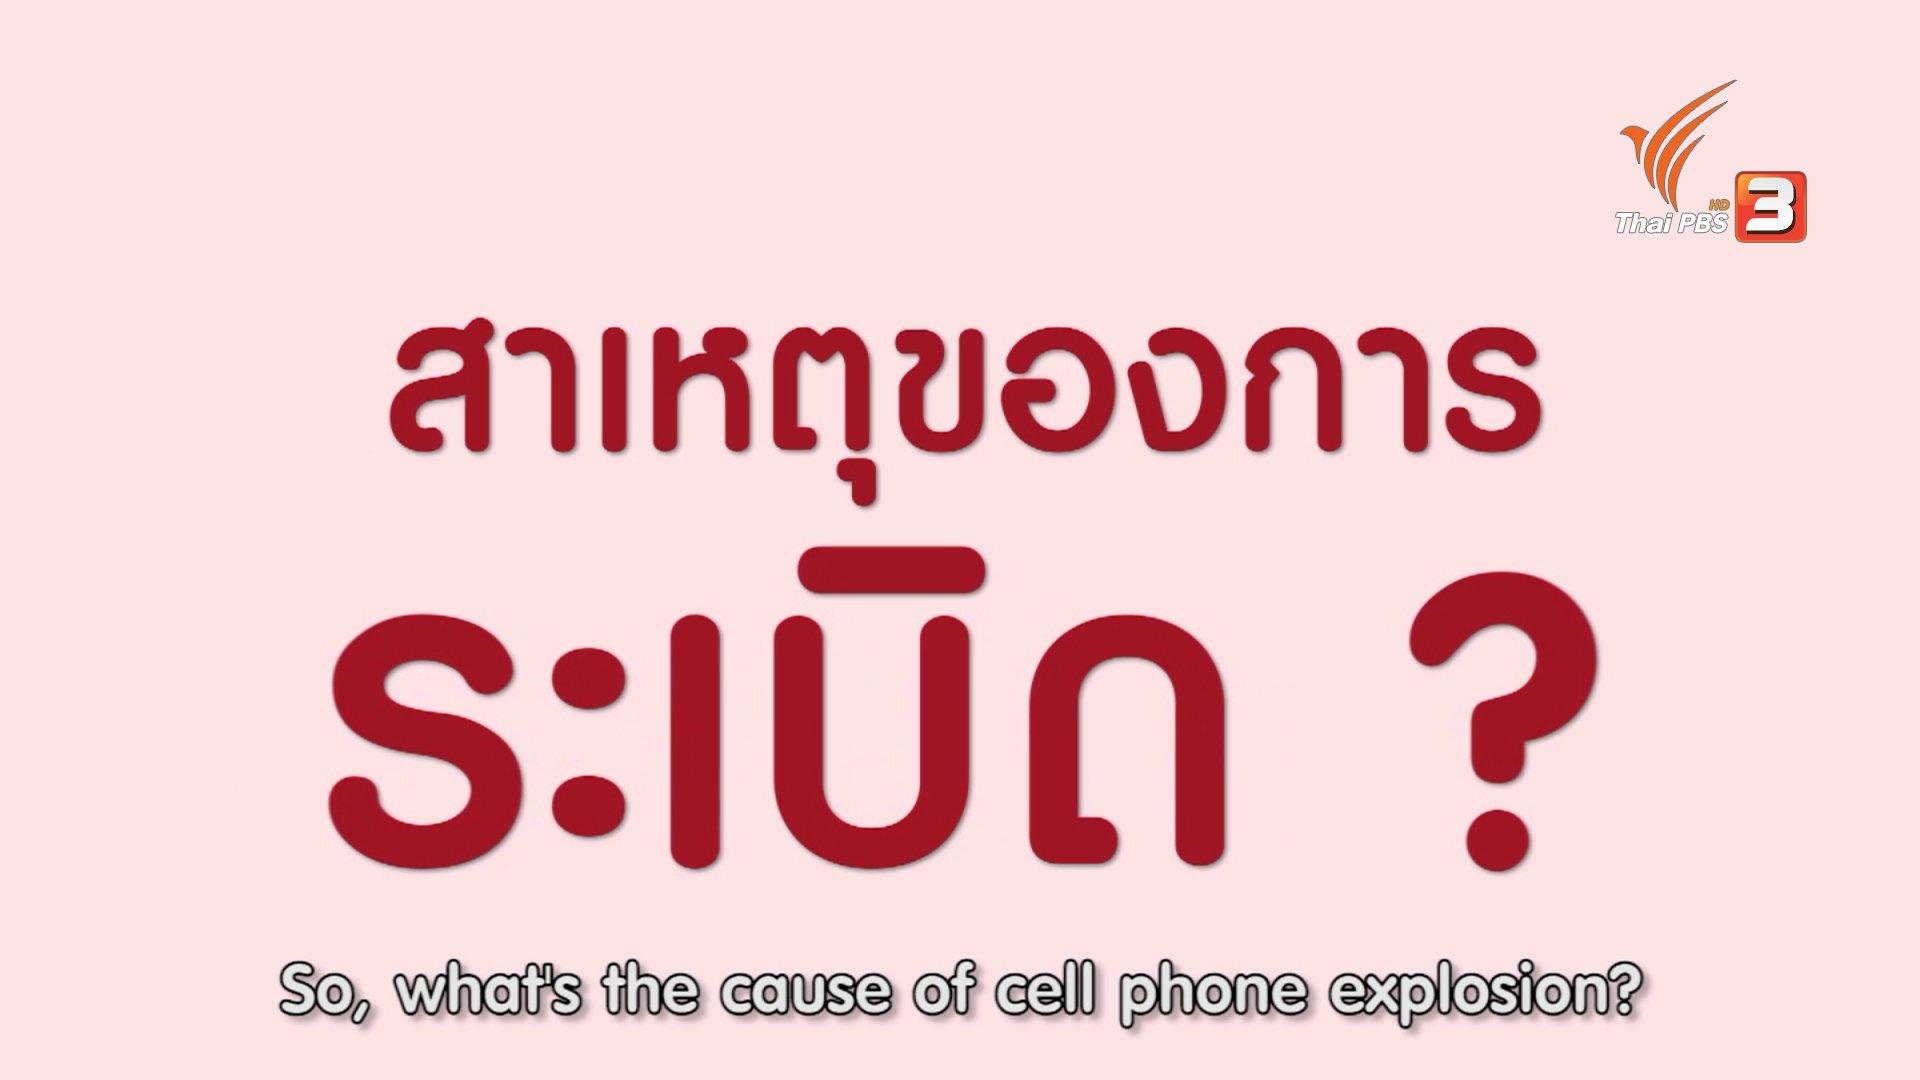 ข่าวค่ำ มิติใหม่ทั่วไทย - soเชี่ยว FAKE or FACT :  มือถือระเบิด เพราะชาร์จแบตและสนทนาโทรศัพท์ไปพร้อมกันจริงหรือไม่